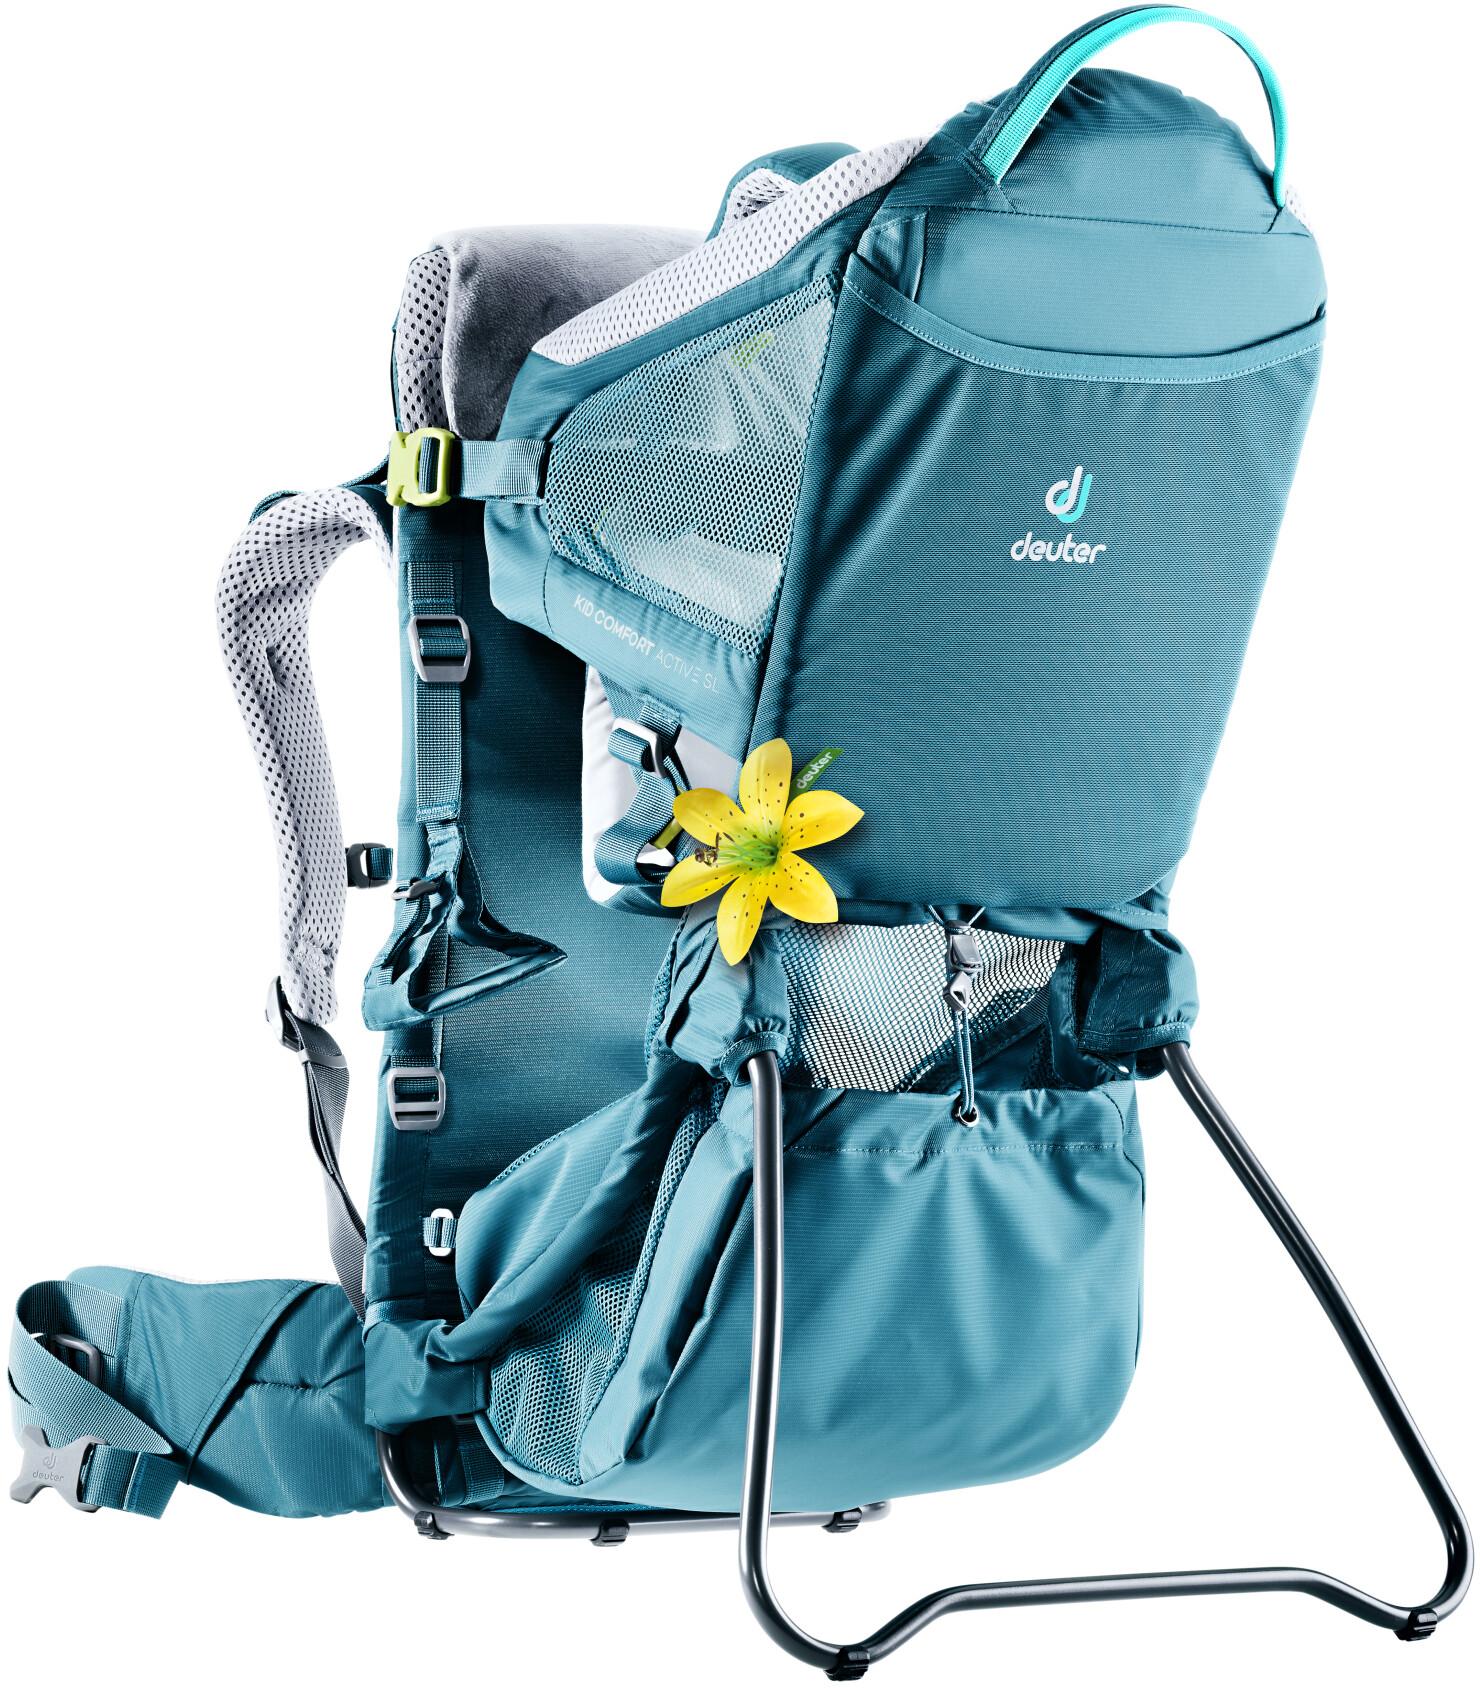 cc2f3d1600c Deuter Kid Comfort Active SL kinderdrager turquoise l Online outdoor ...